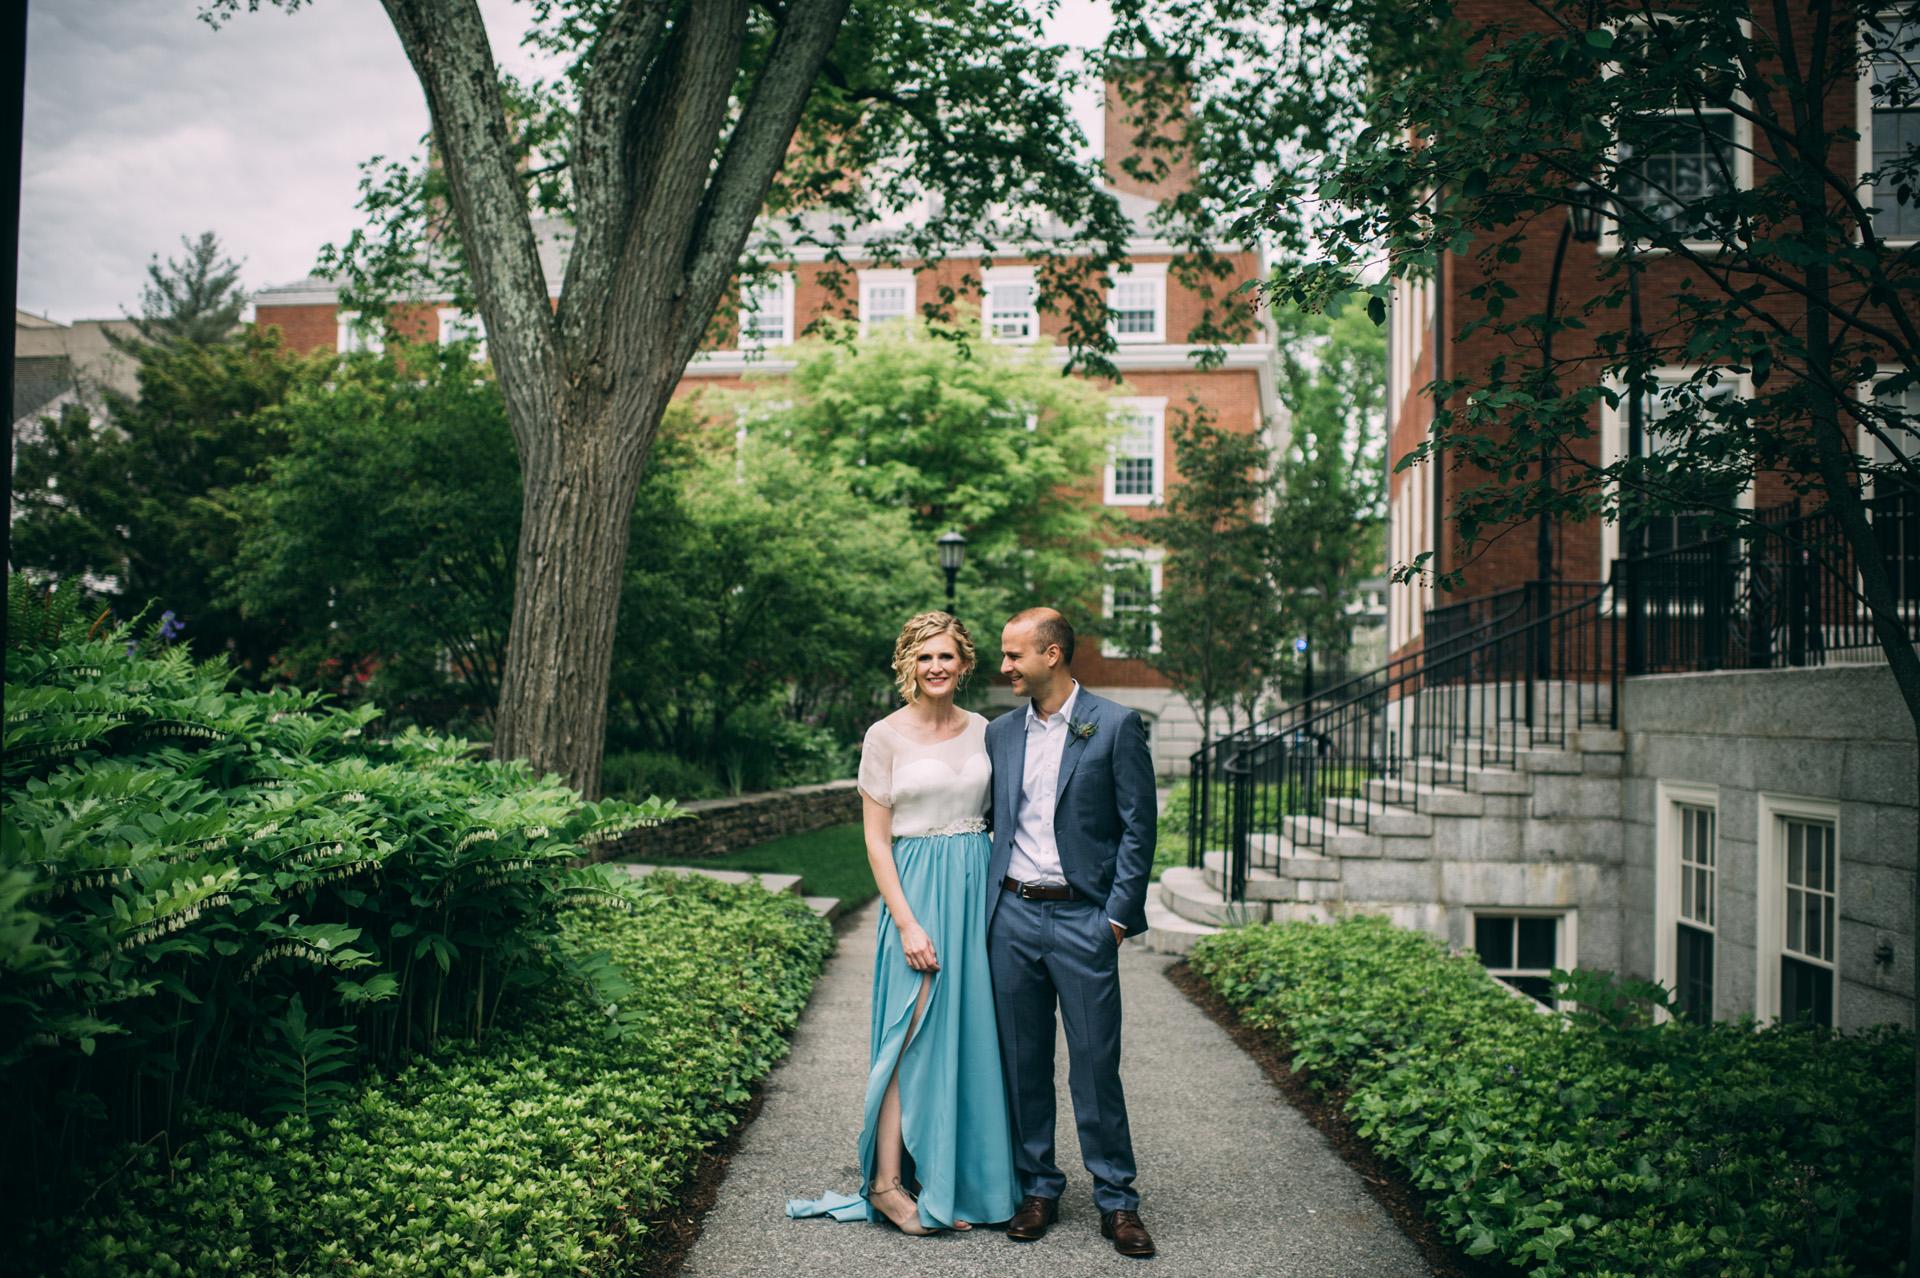 alden-harlow-wedding-photographer-31